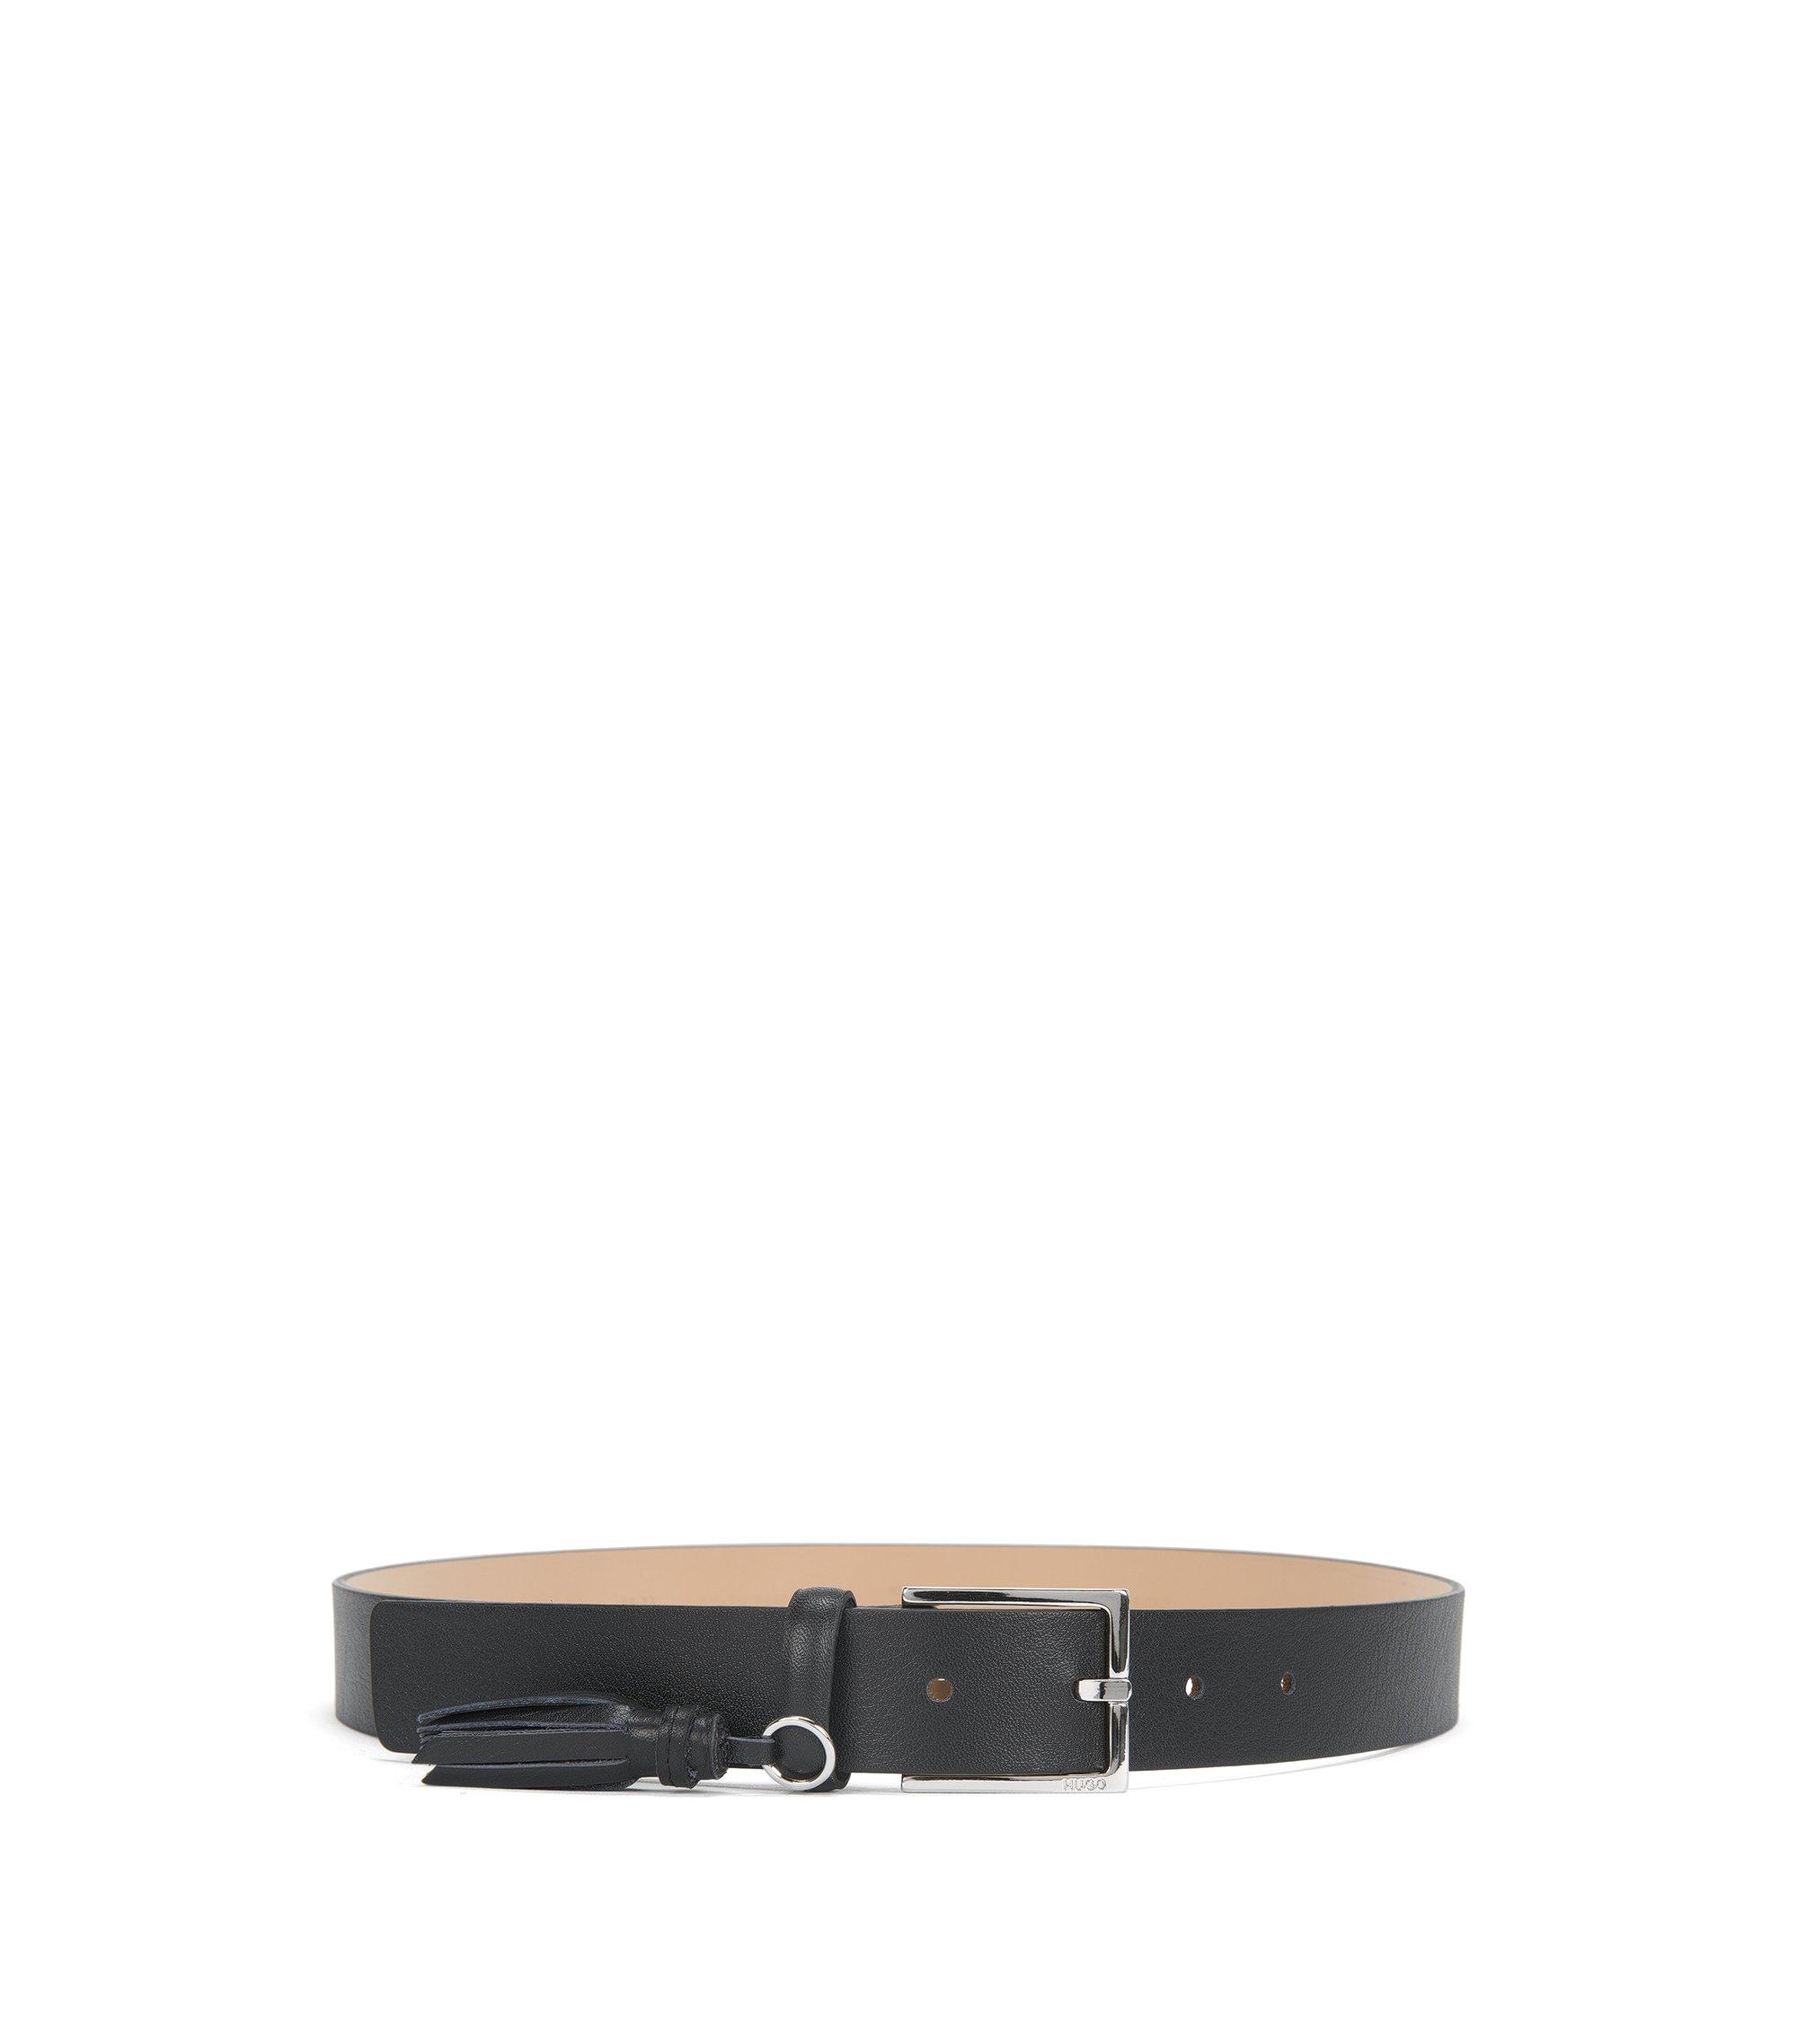 Gürtel aus italienischem Leder mit Quaste, Schwarz